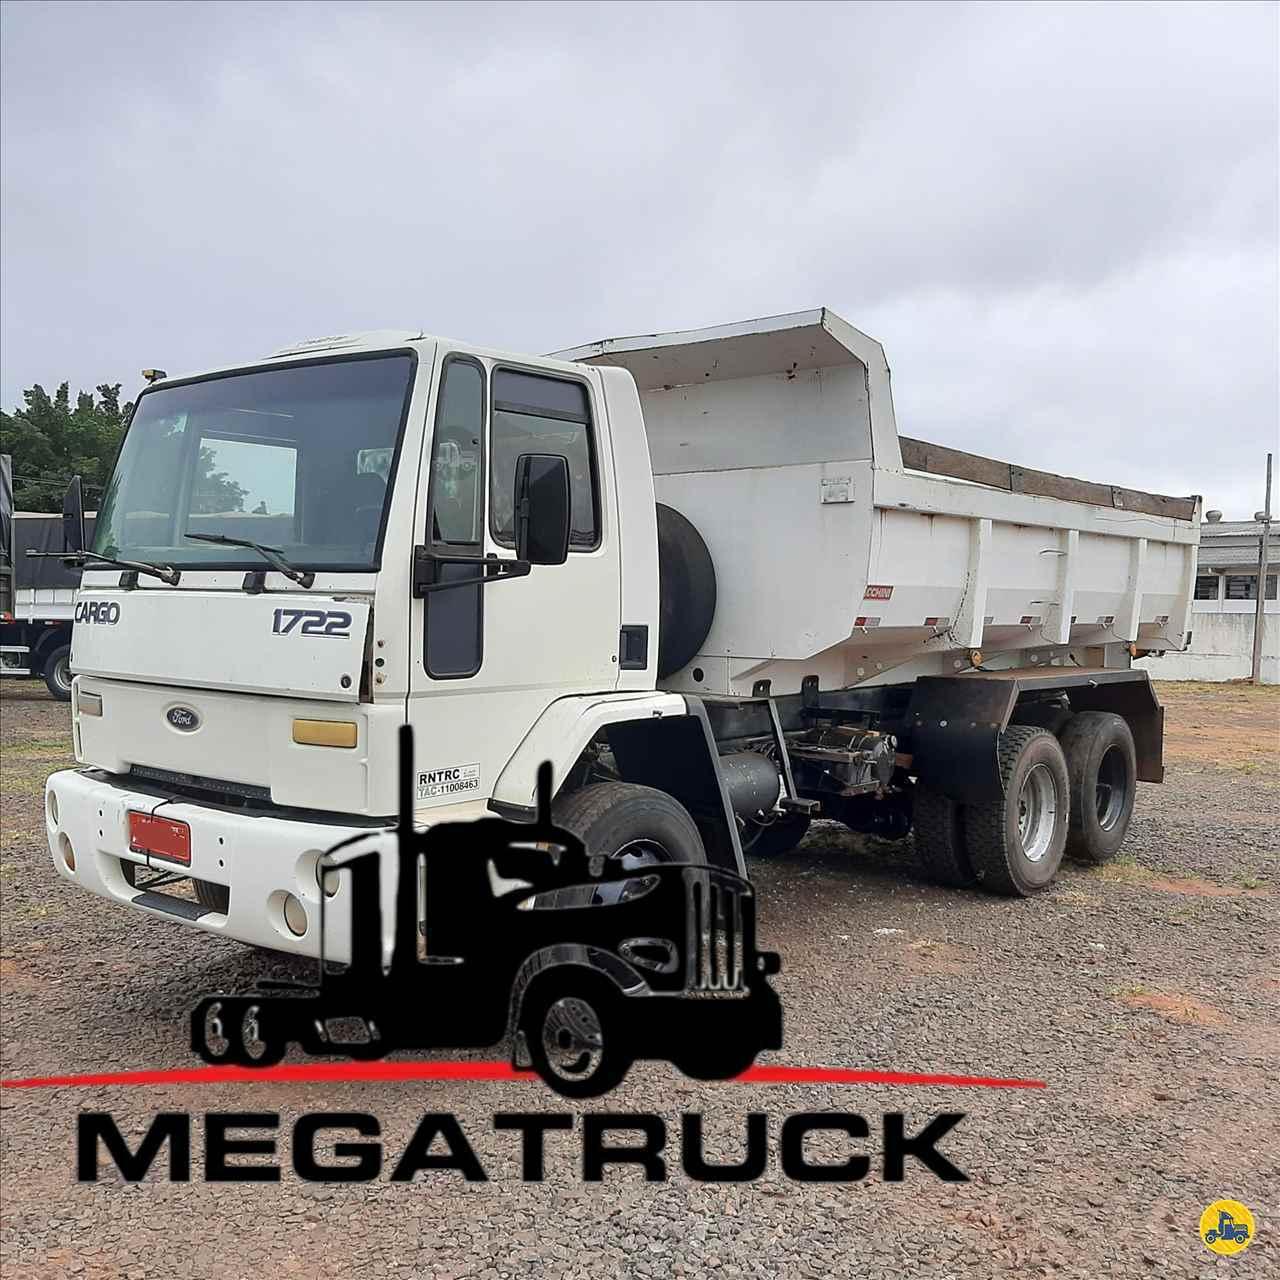 CAMINHAO FORD CARGO 1722 Caçamba Basculante Truck 6x2 Megatruck Caminhões e Máquinas CAMPO GRANDE MATO GROSSO DO SUL MS